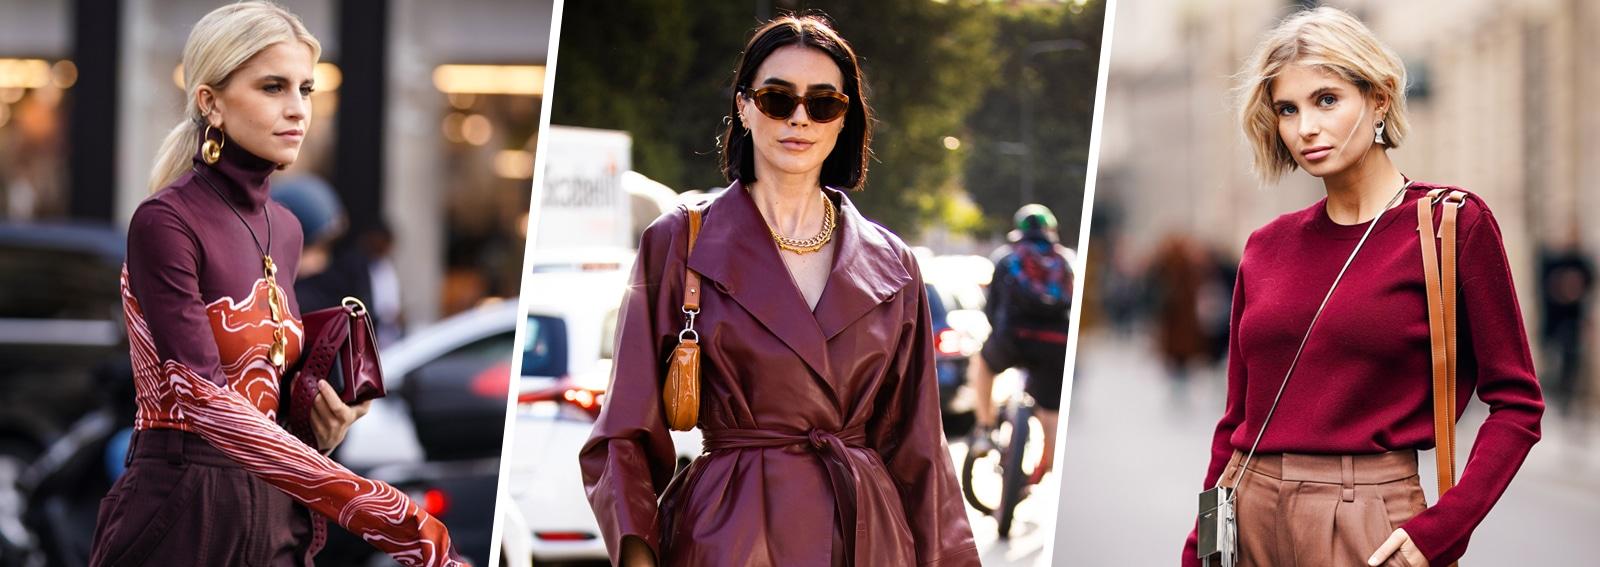 Come indossare il bordeaux: 5 look mix & match perfetti per la stagione